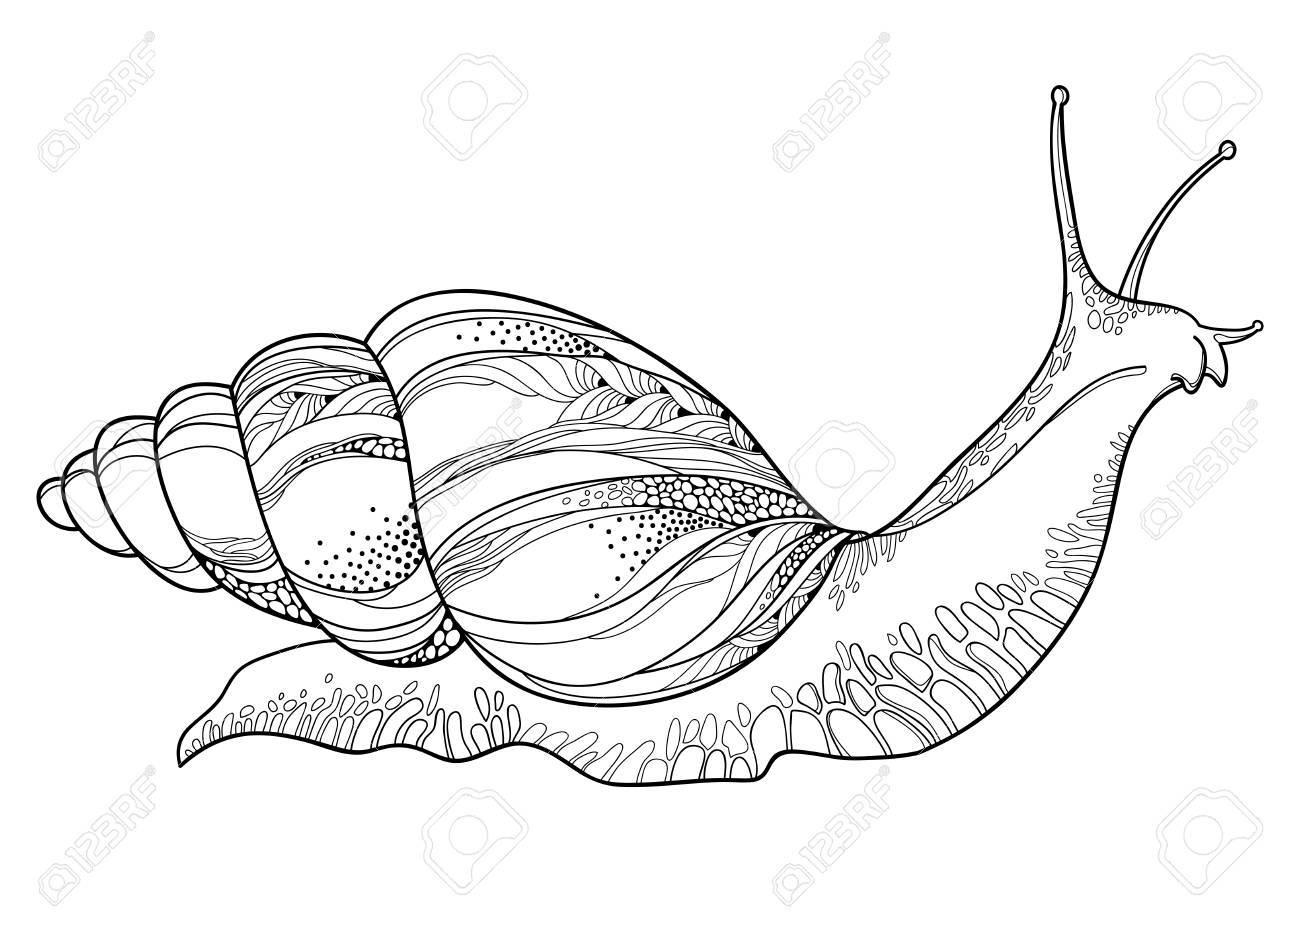 Snail Drawing At Getdrawings